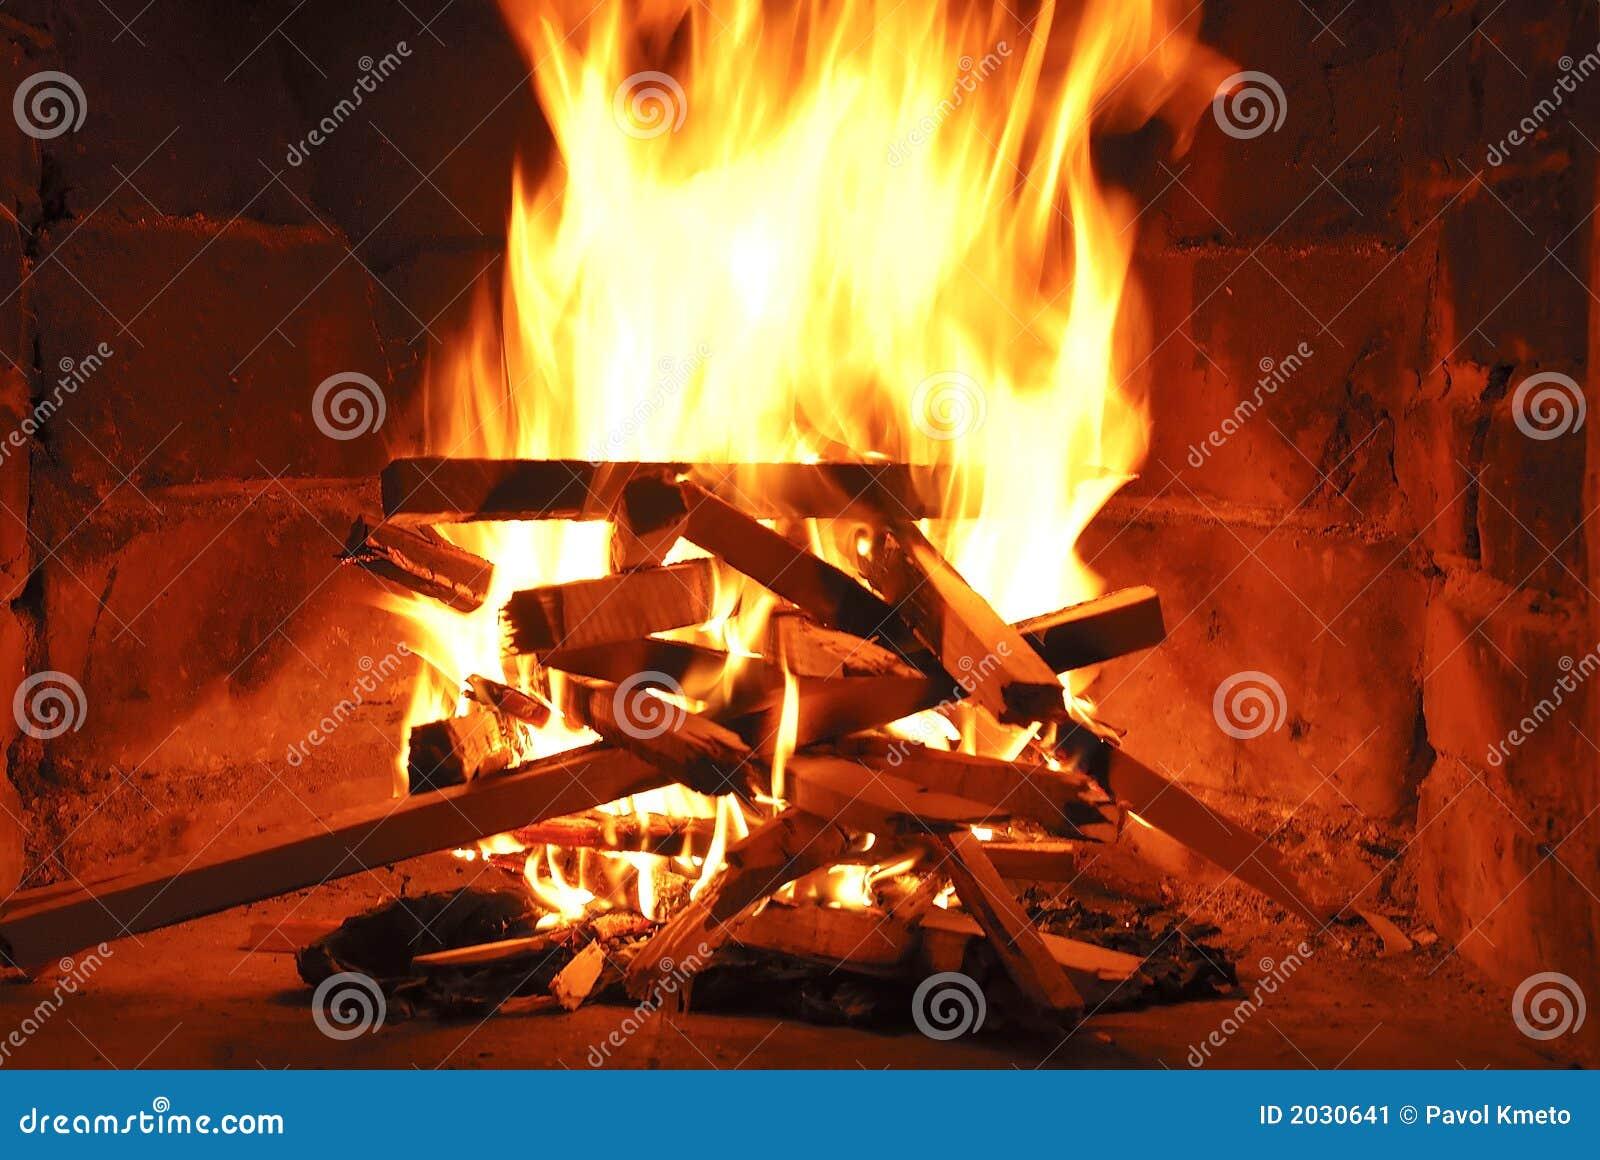 Miejsce pożaru